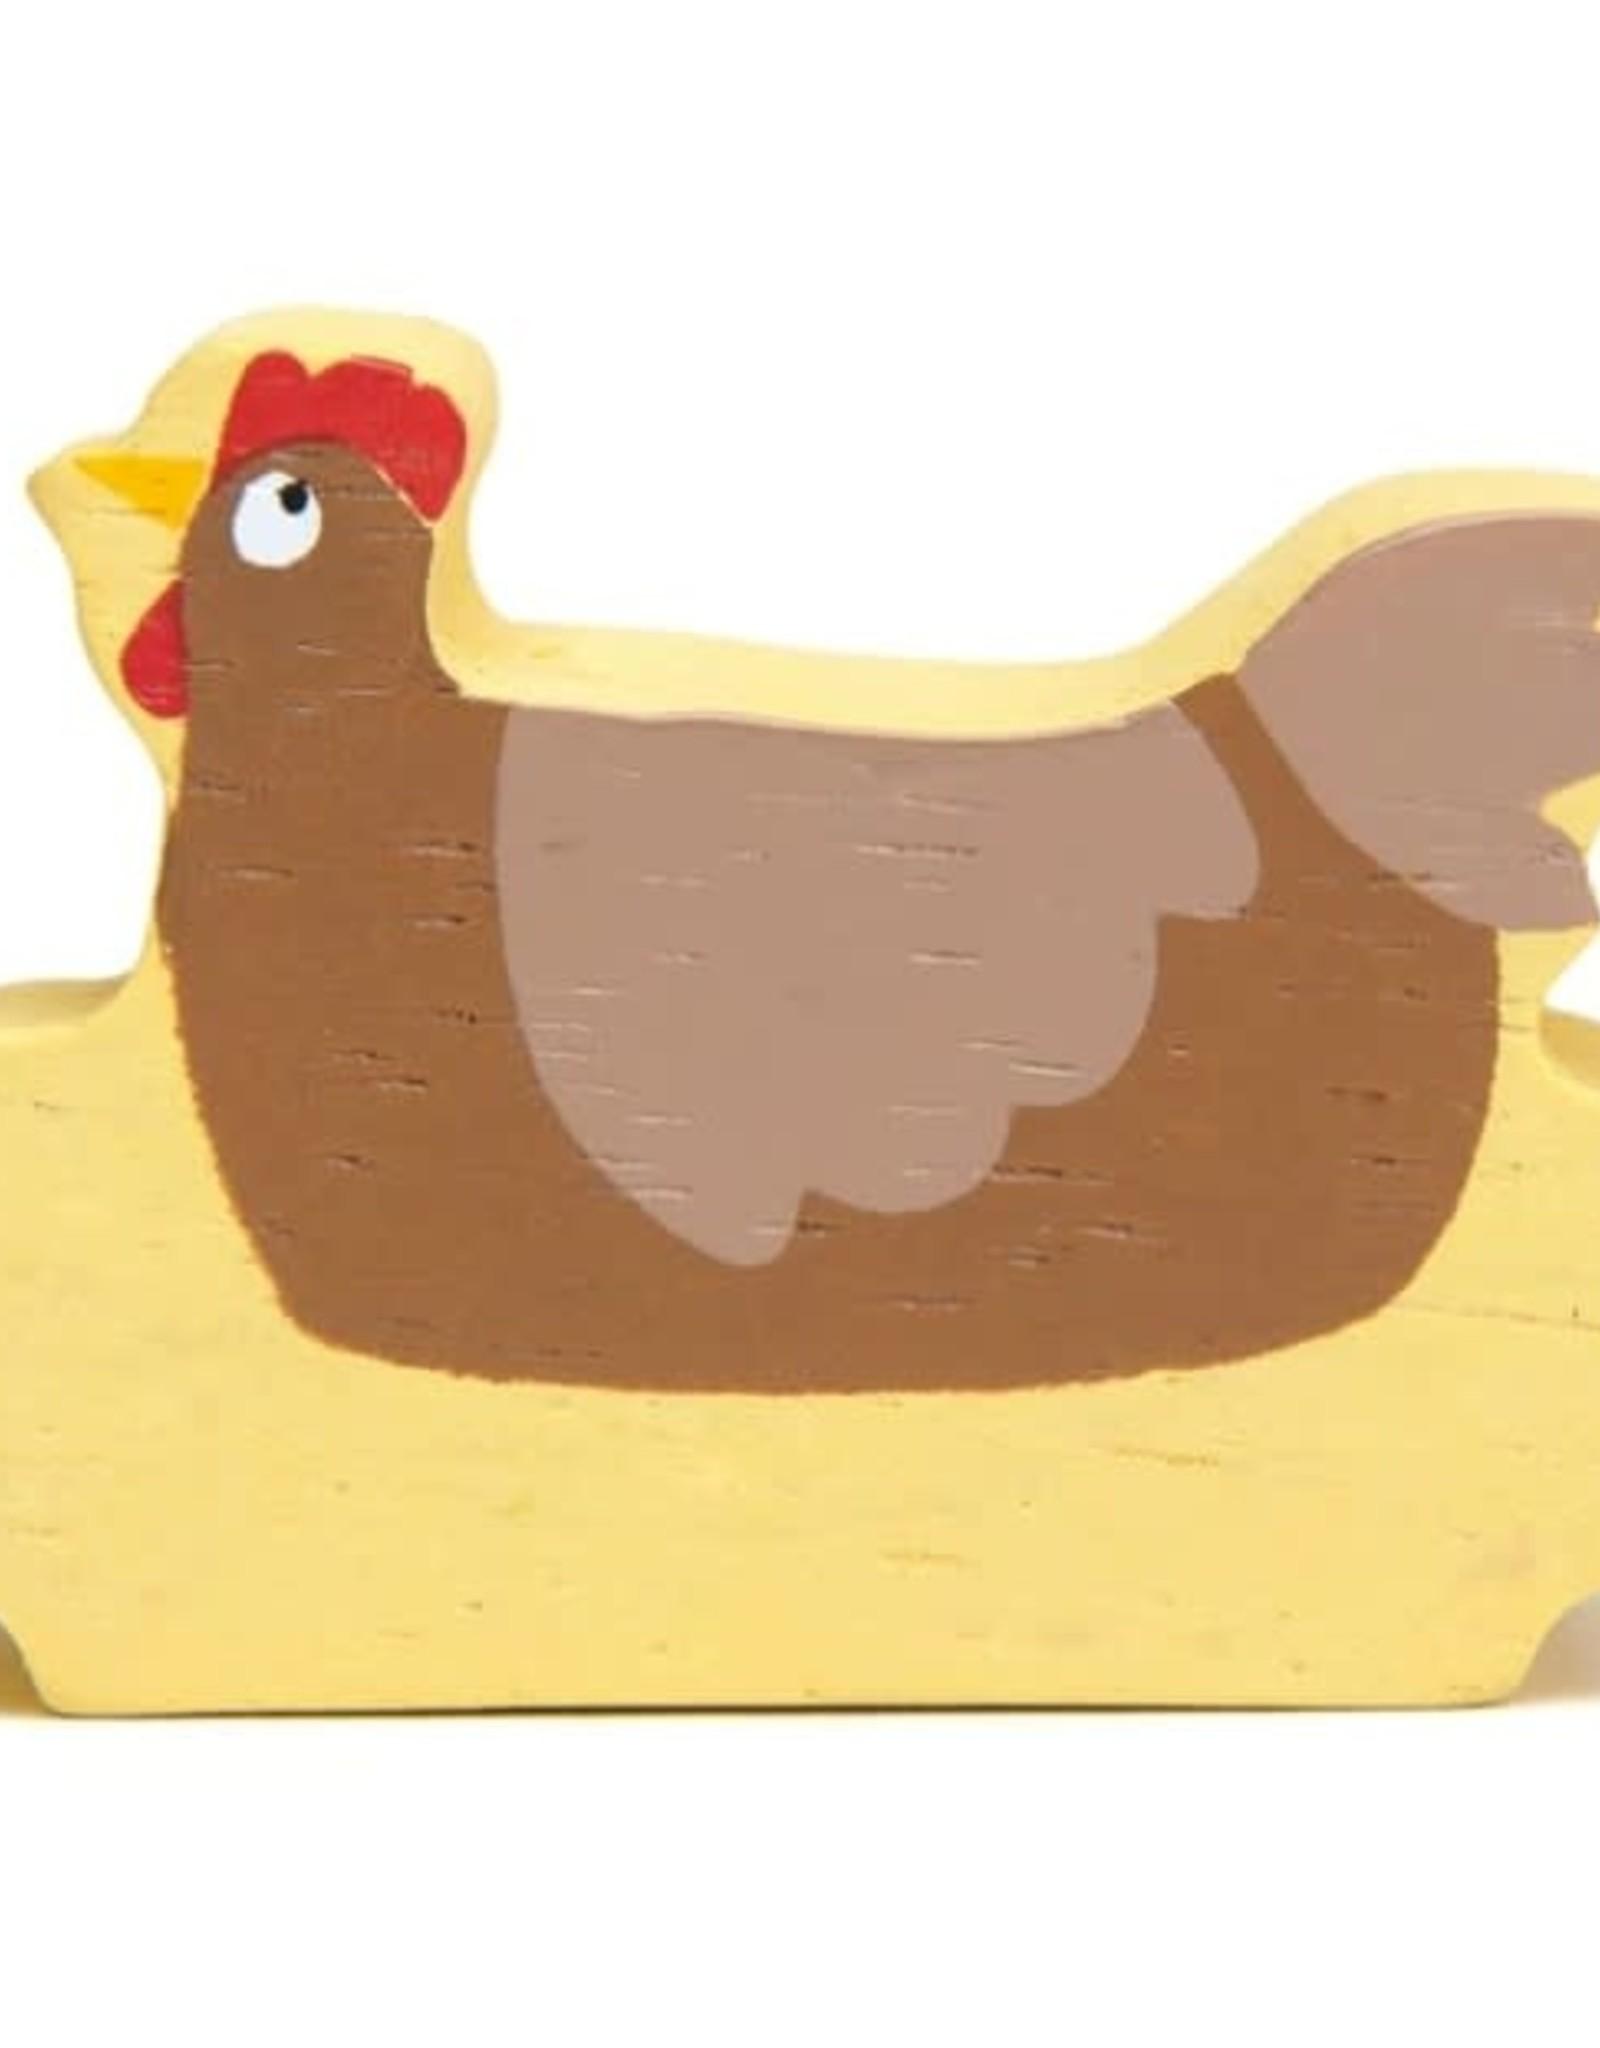 Tender Leaf Toys Tender Leaf Wooden Chicken